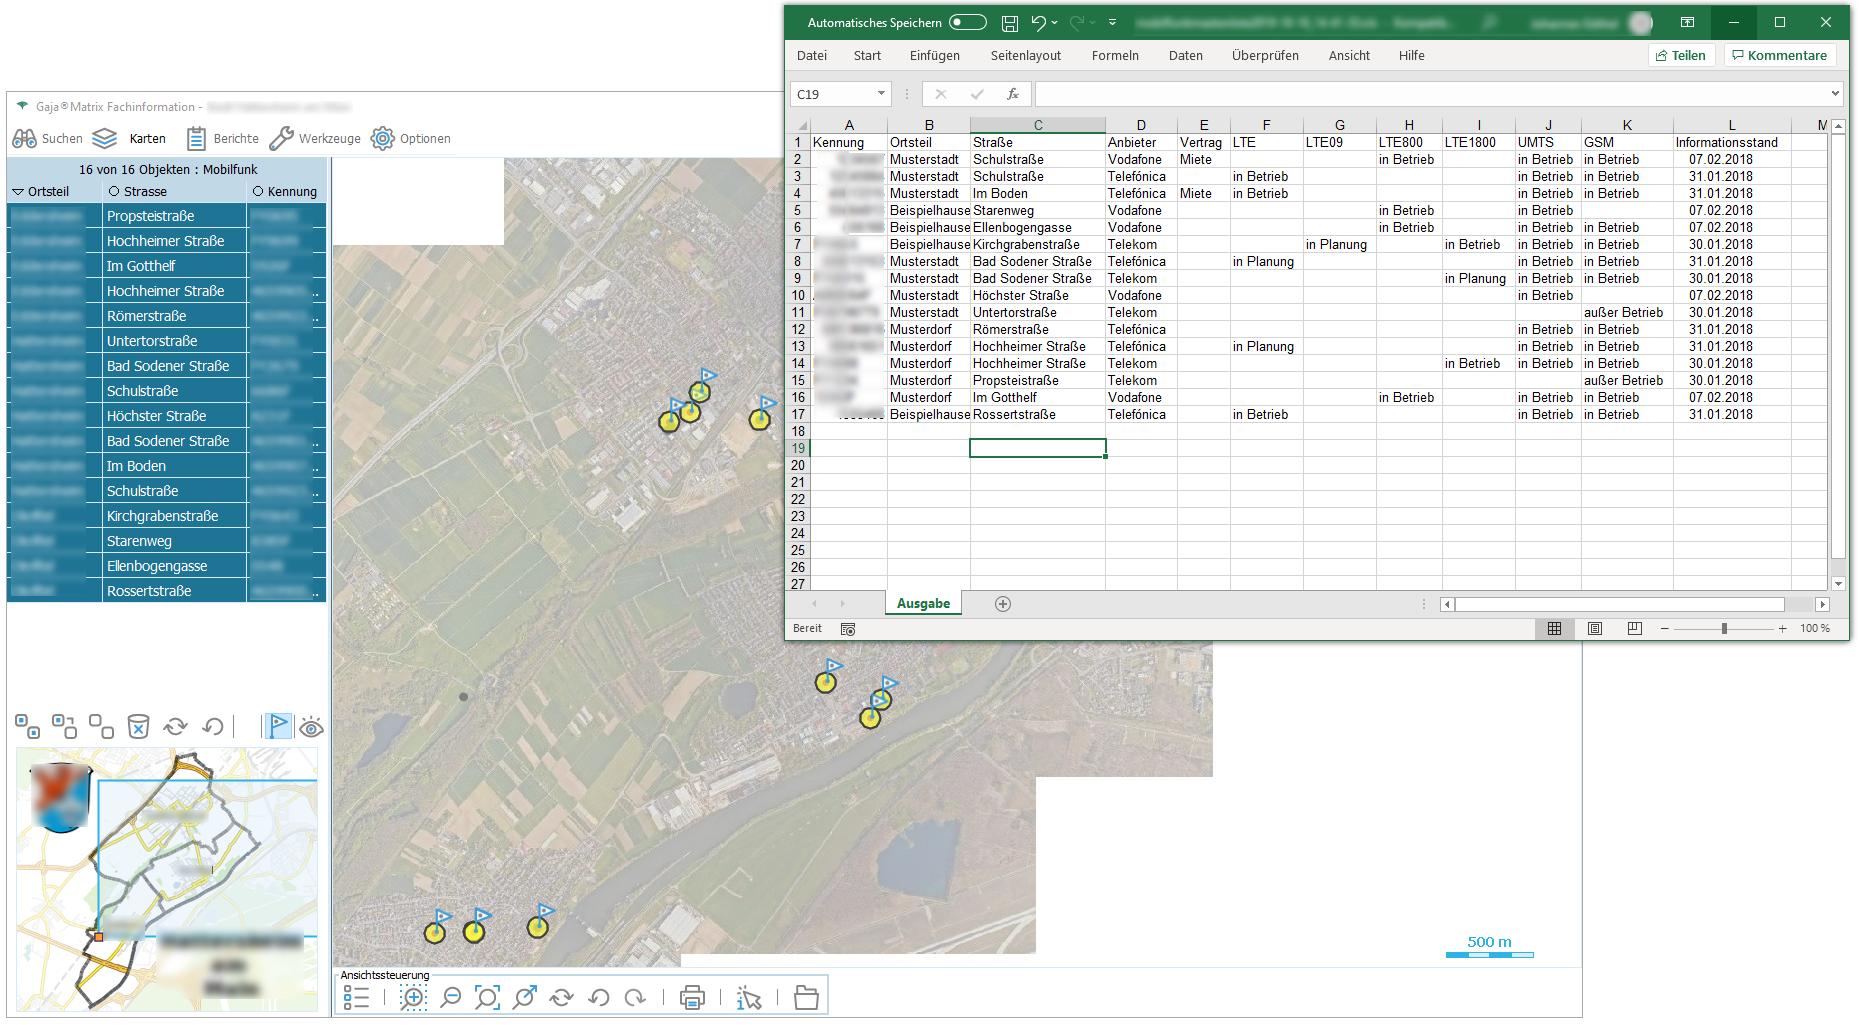 Mobilfunkstandorte mit Excelbericht